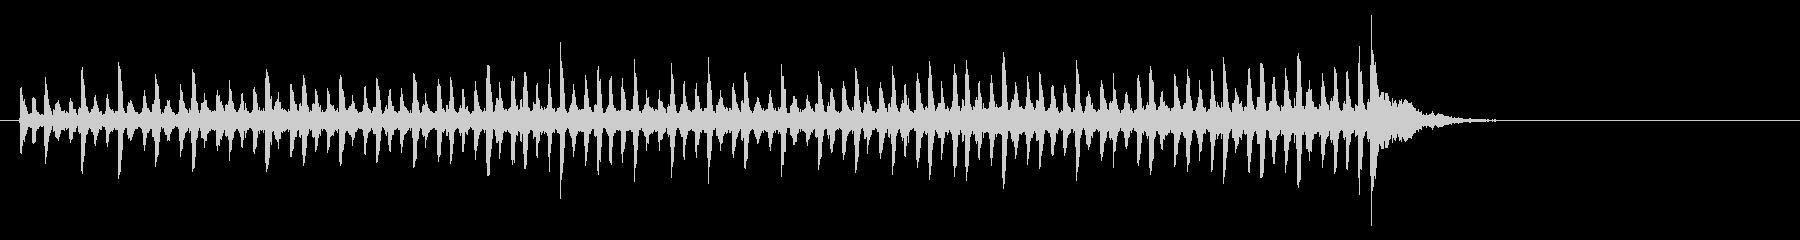 テーマ2:効果、SCI FIの未再生の波形